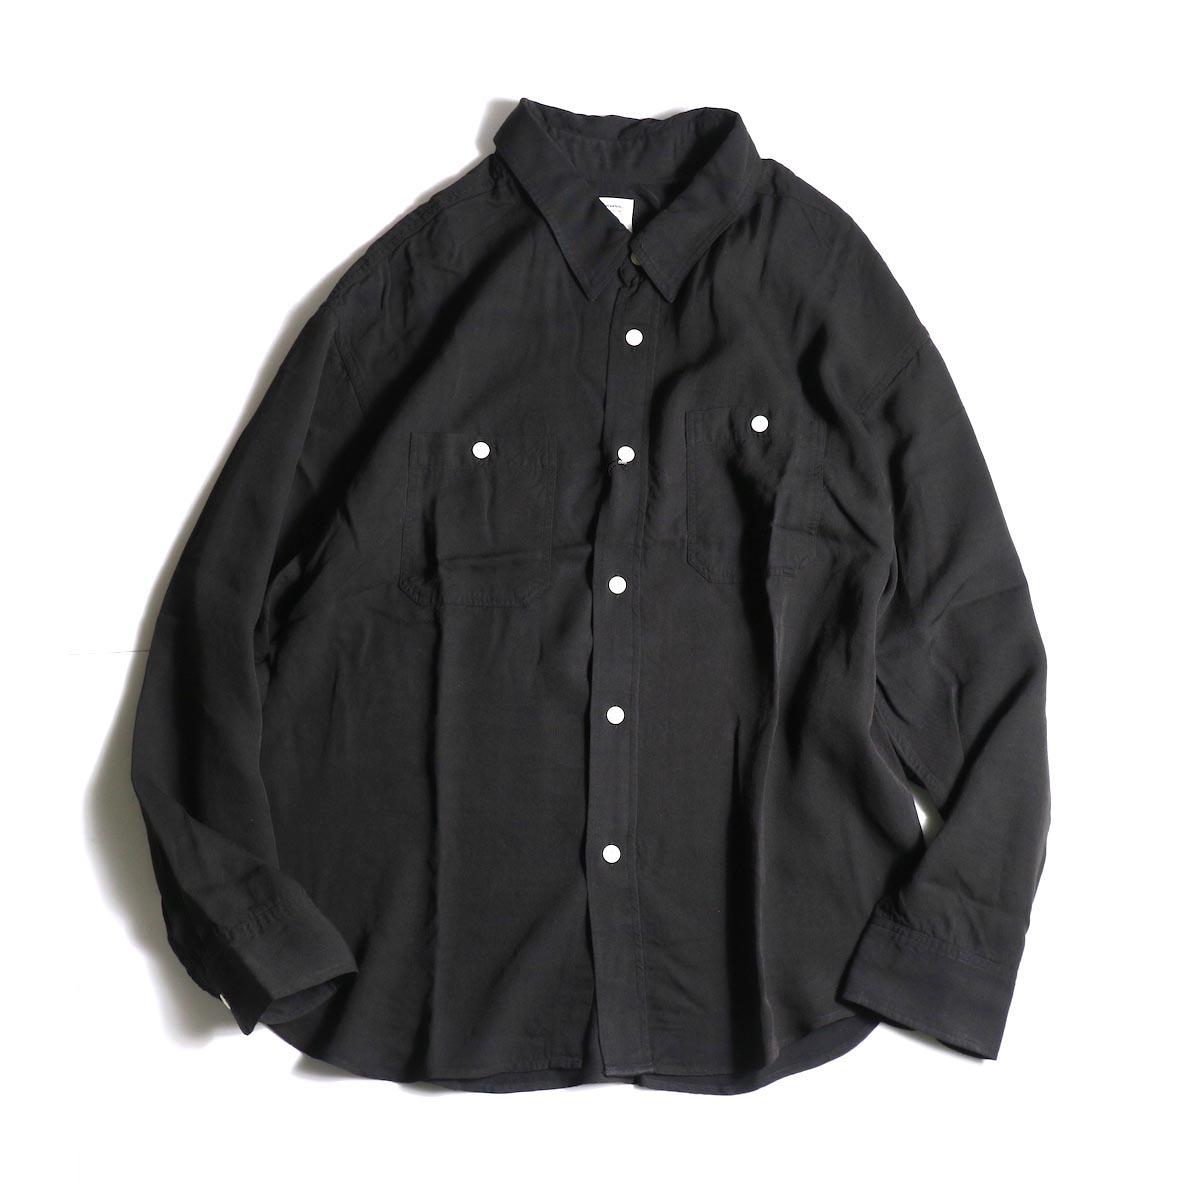 visvim / MAINSAIL SHIRT L/S (RAYON) (Black) 正面